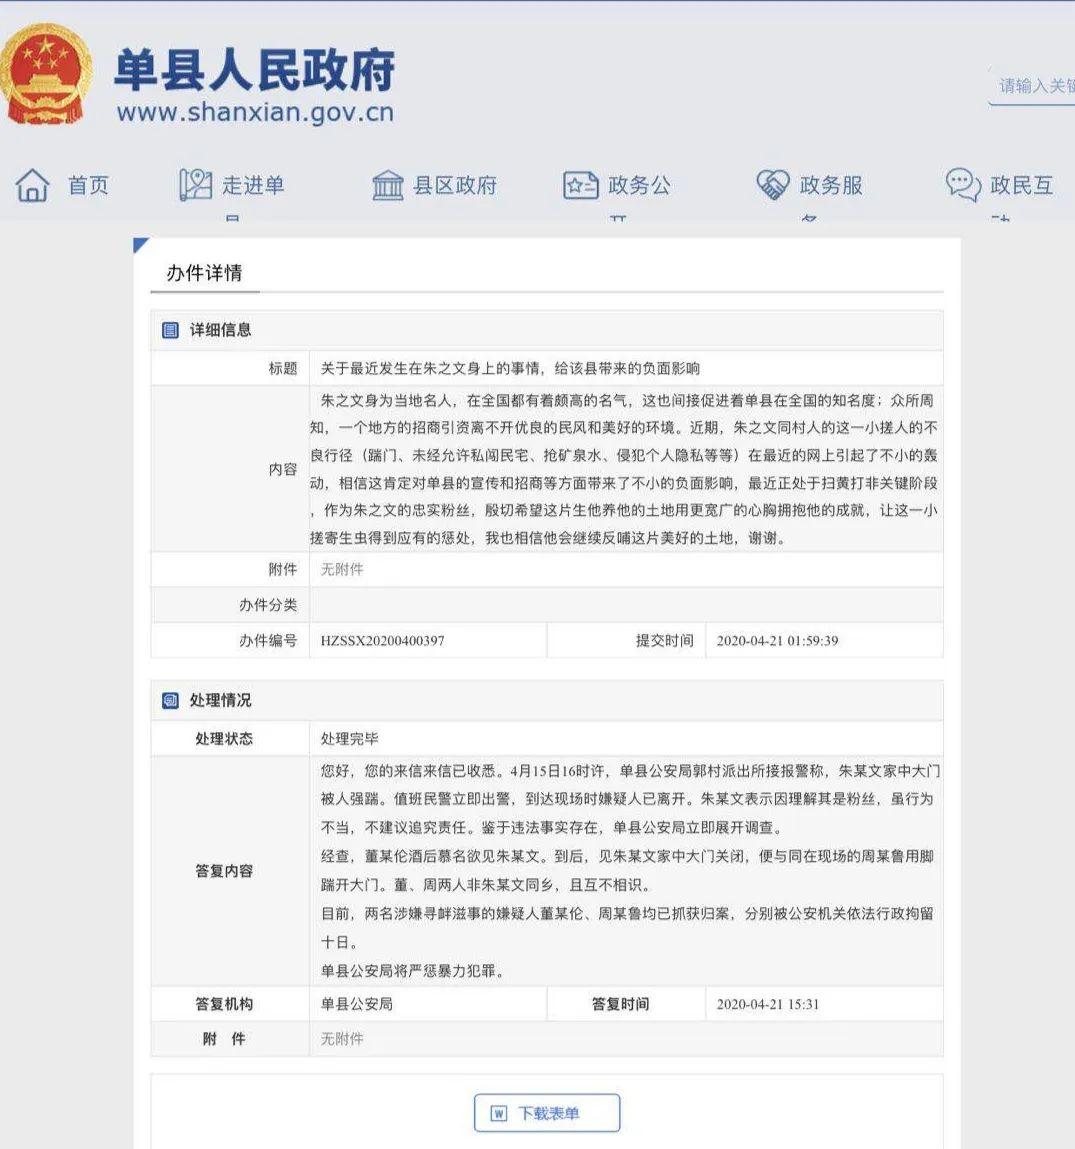 截图自单县人民政府网站